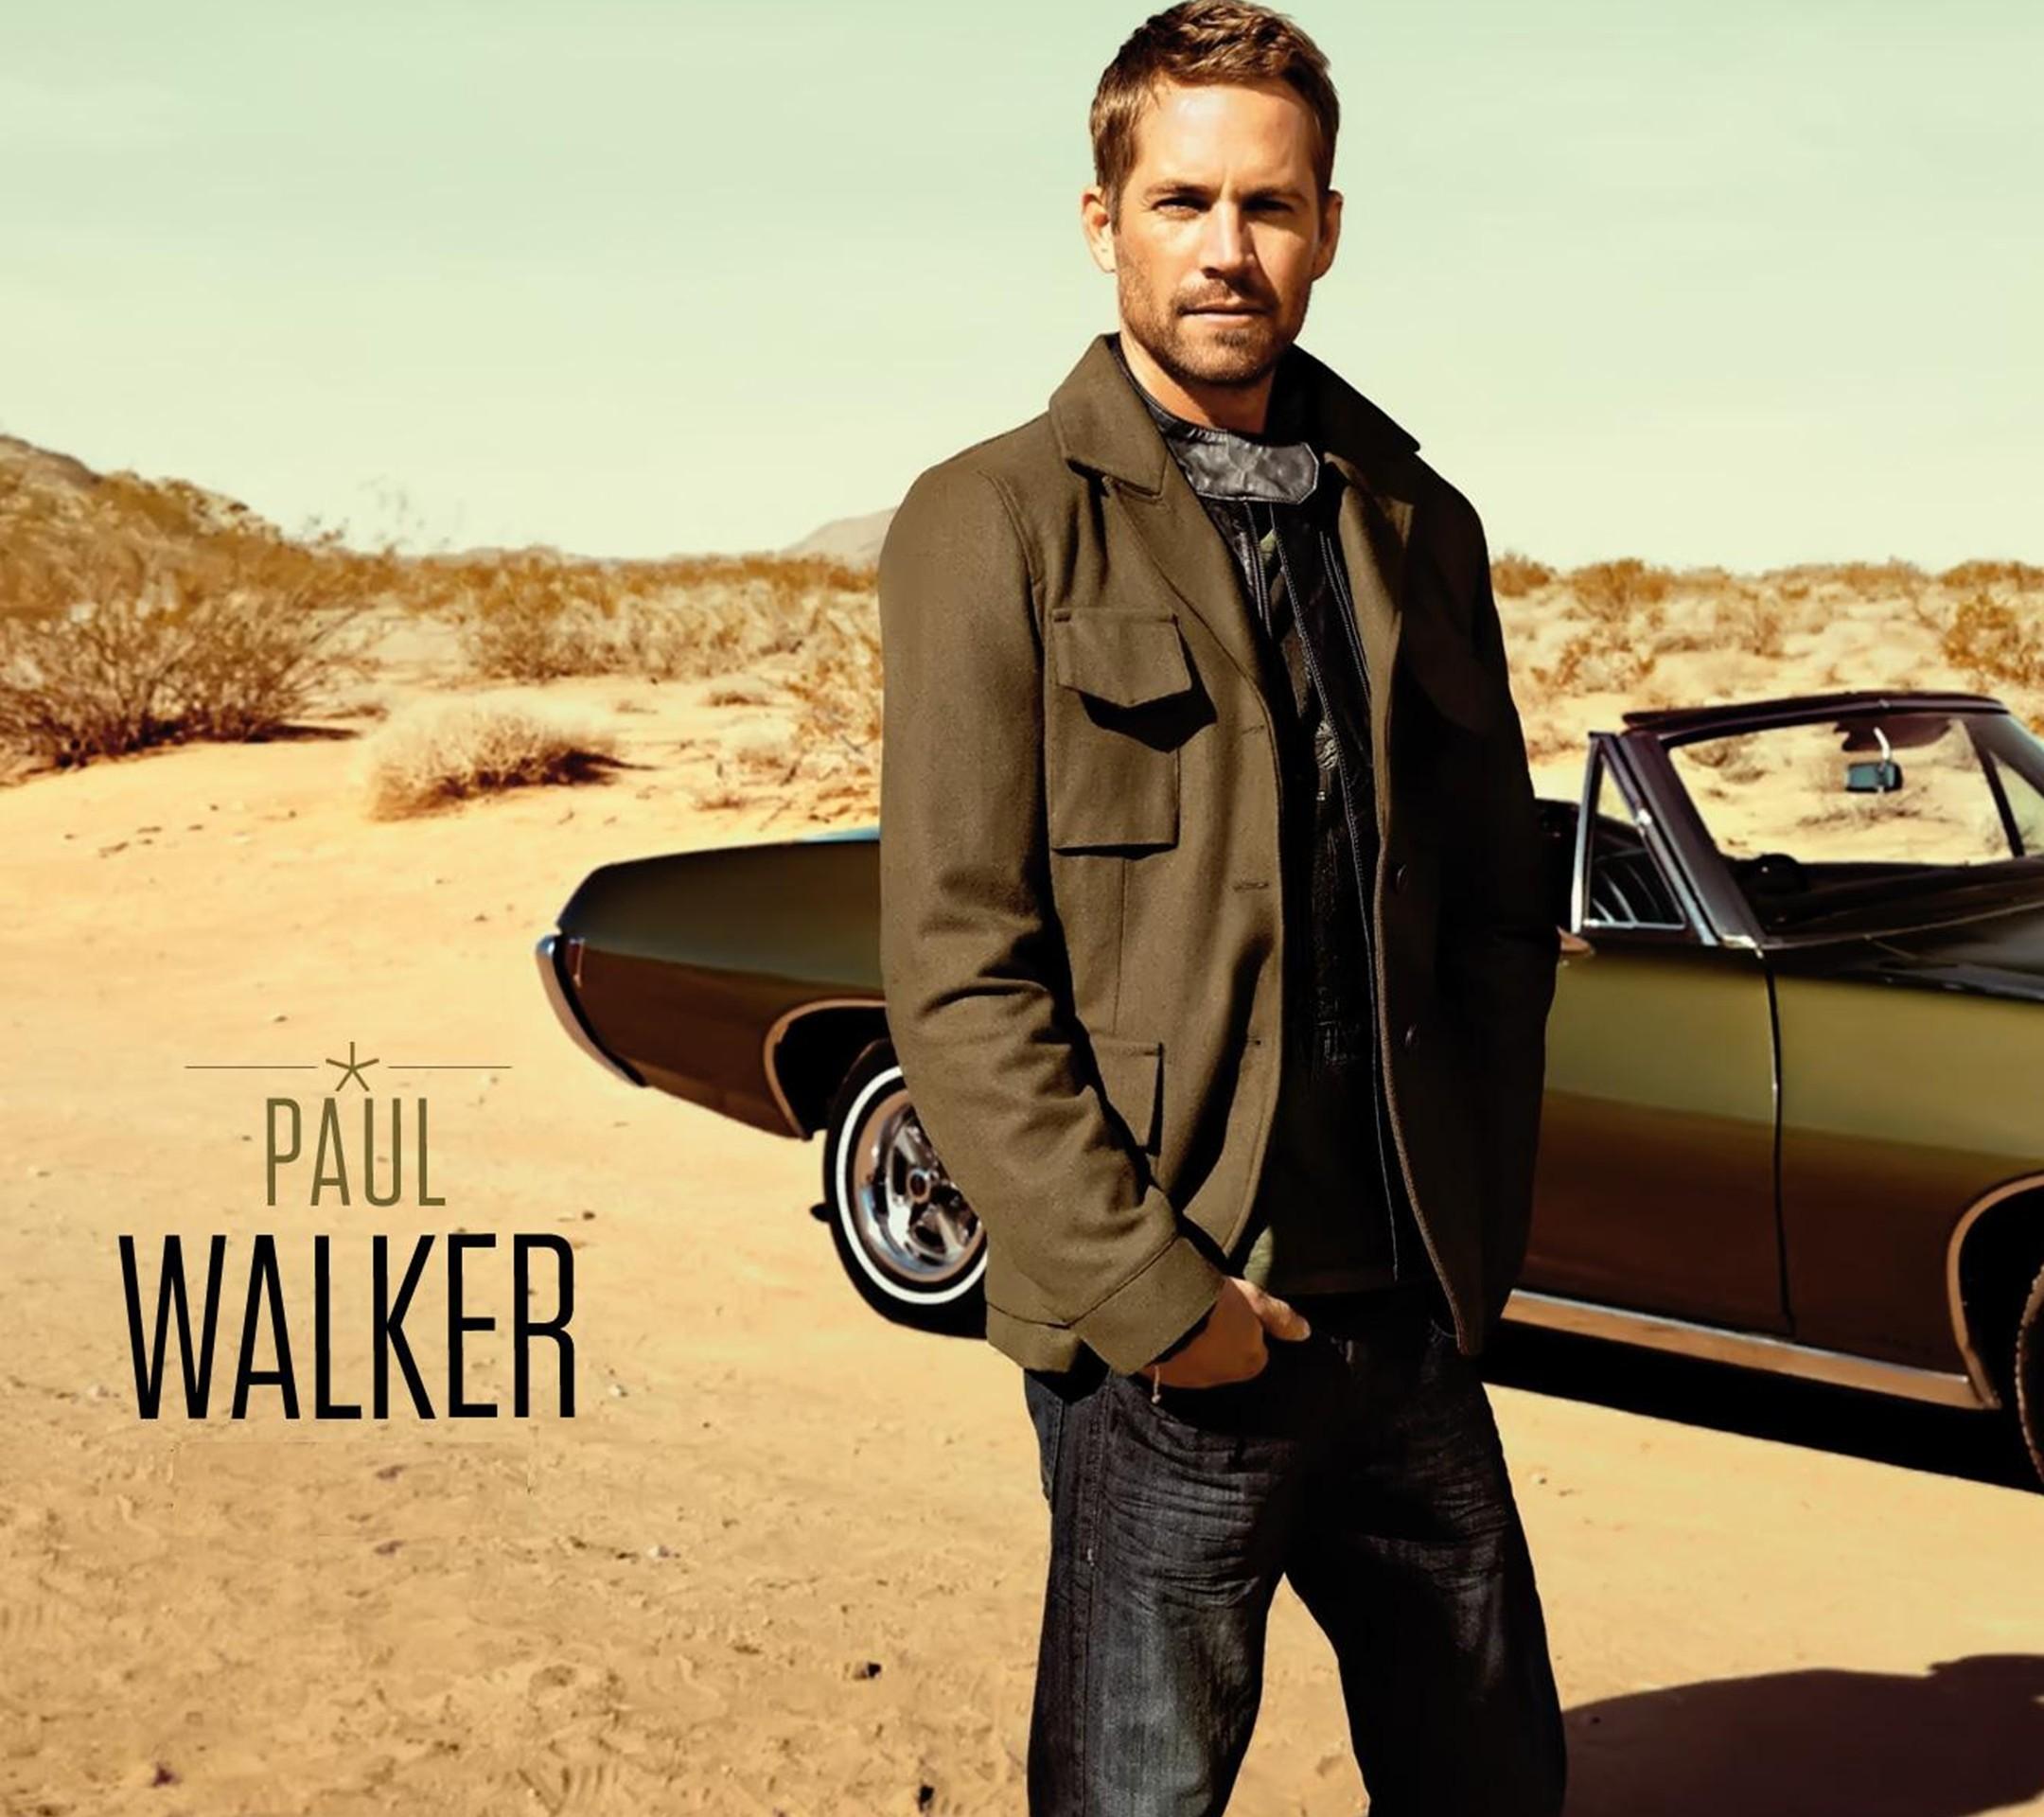 Paul Walker wallpaper 10455734